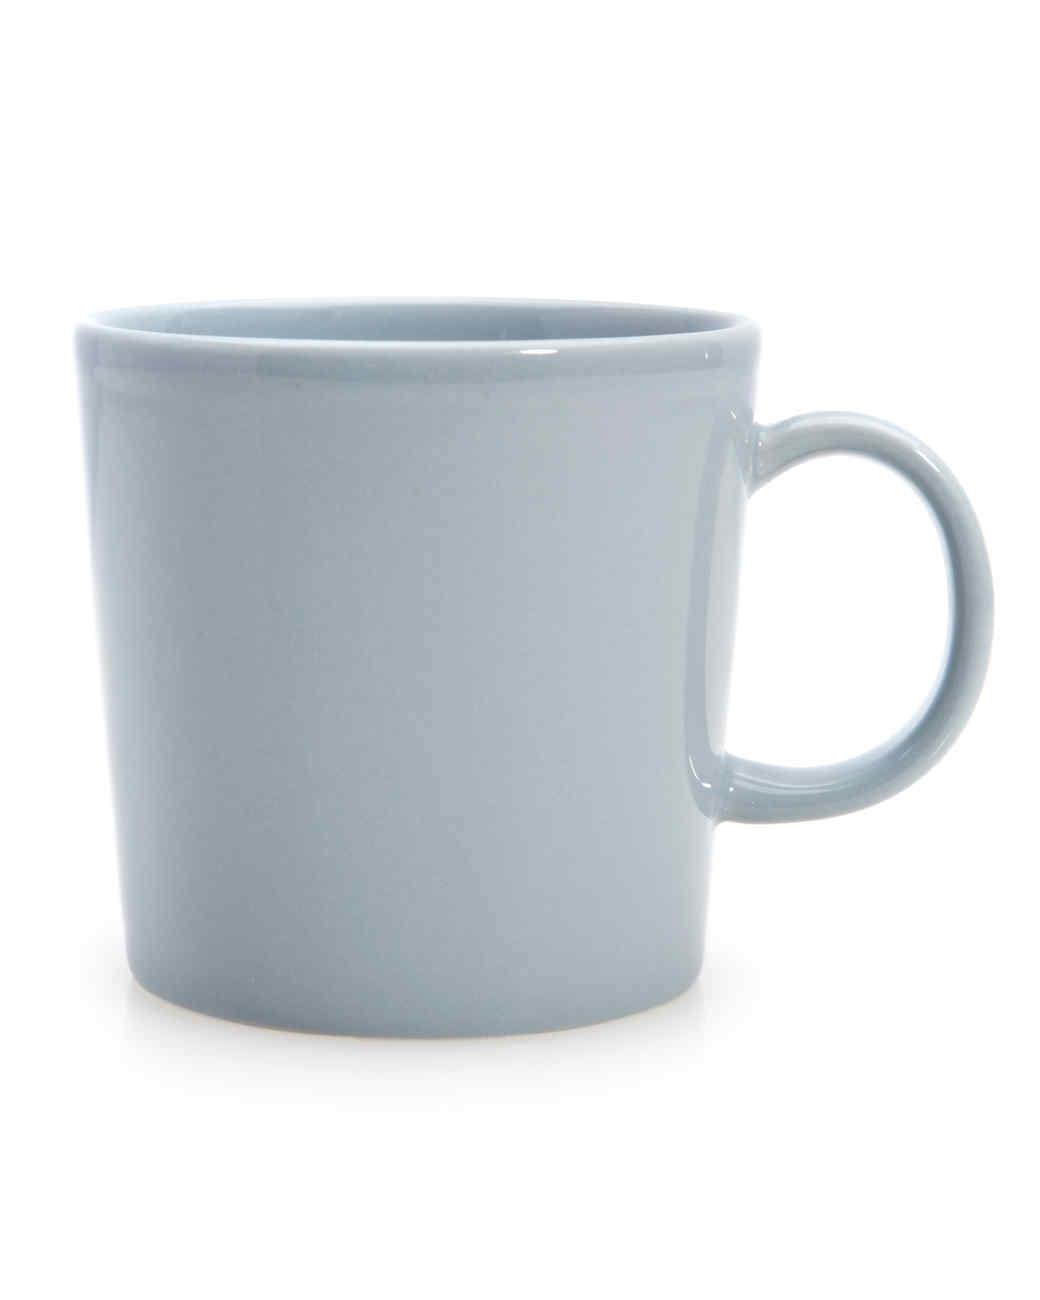 mug-369-mld109175.jpg